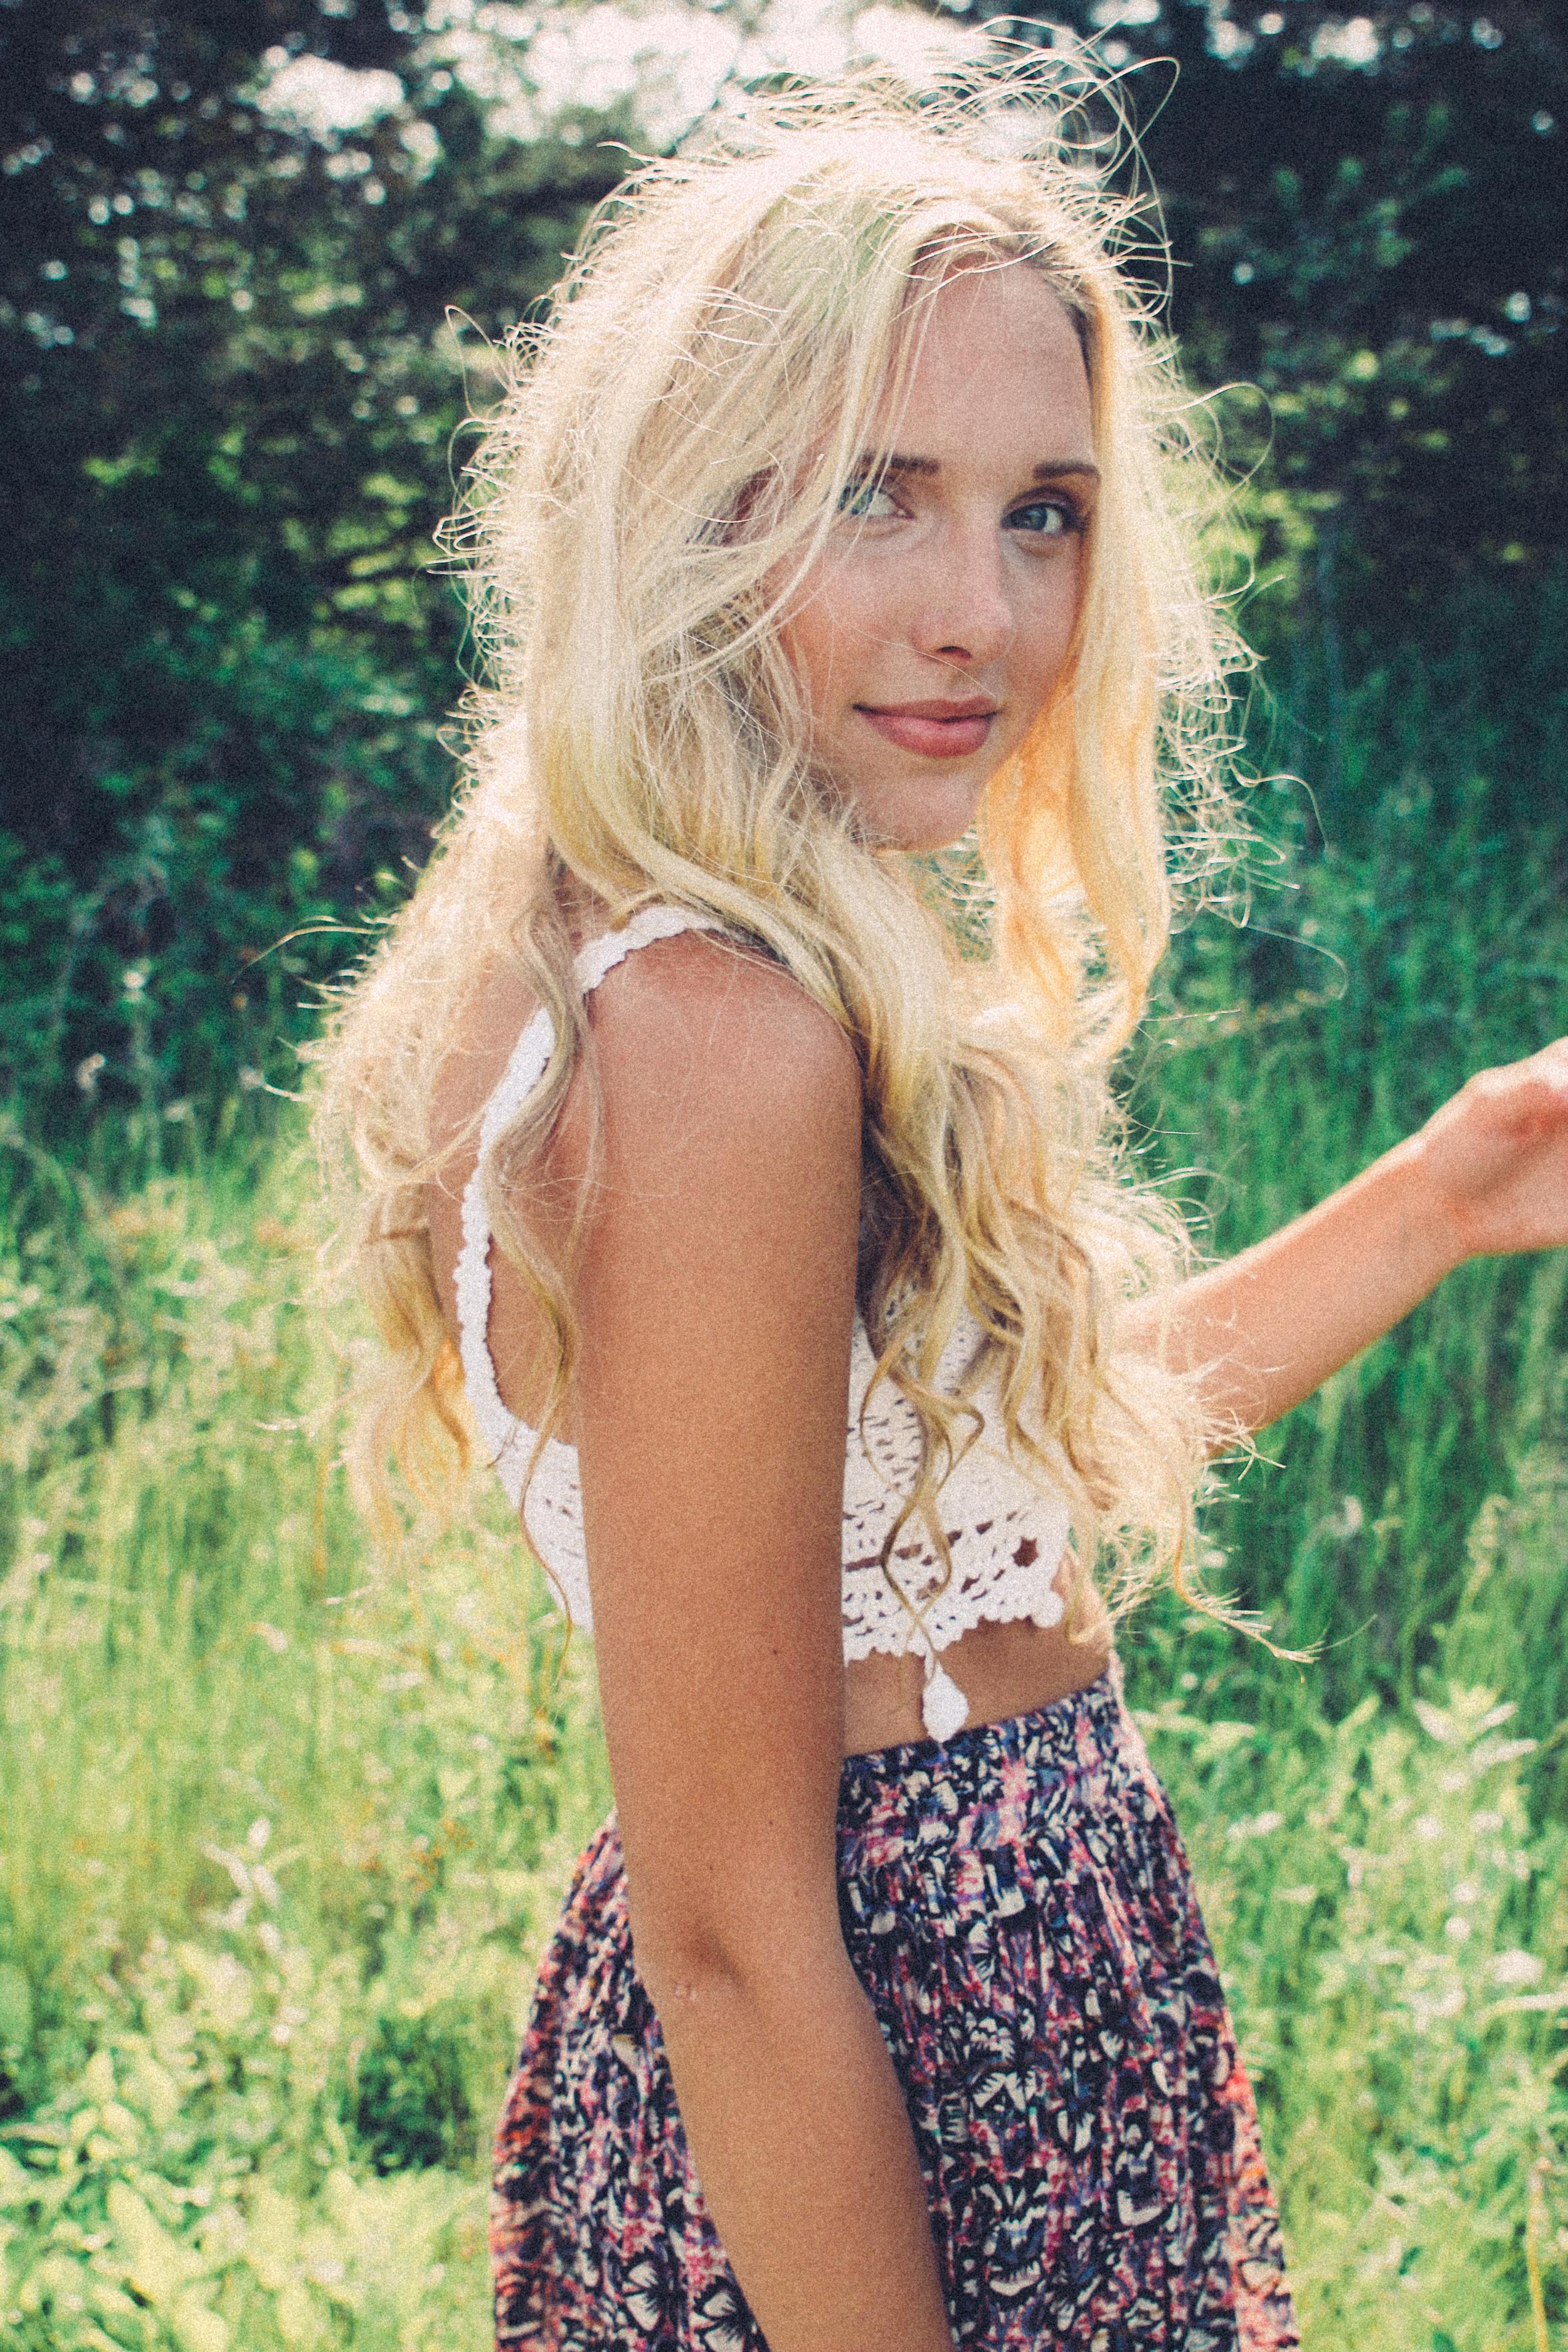 On Leah: Raga LA  Olivia Crop Top &  Juniper Maxi Skirt